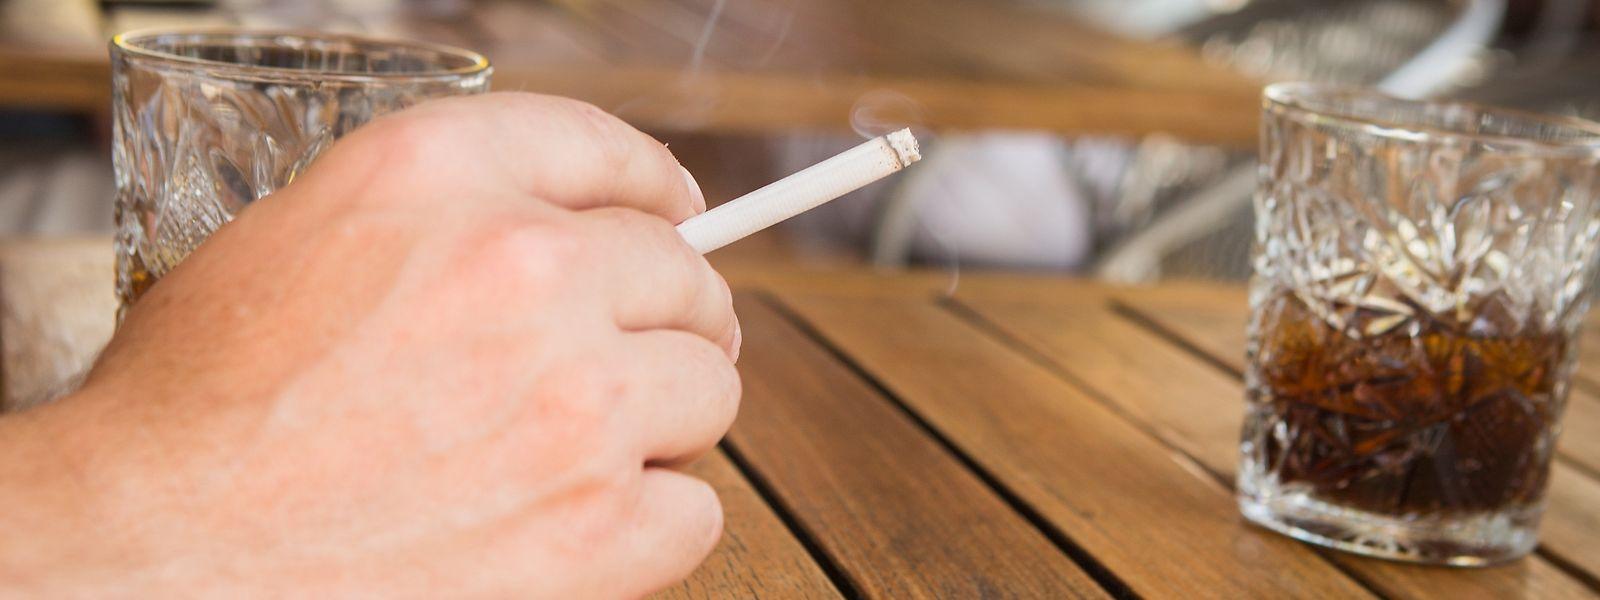 Rauchverbot auf öffentlichen Terrassen kann bald in der Chamber debattiert werden.